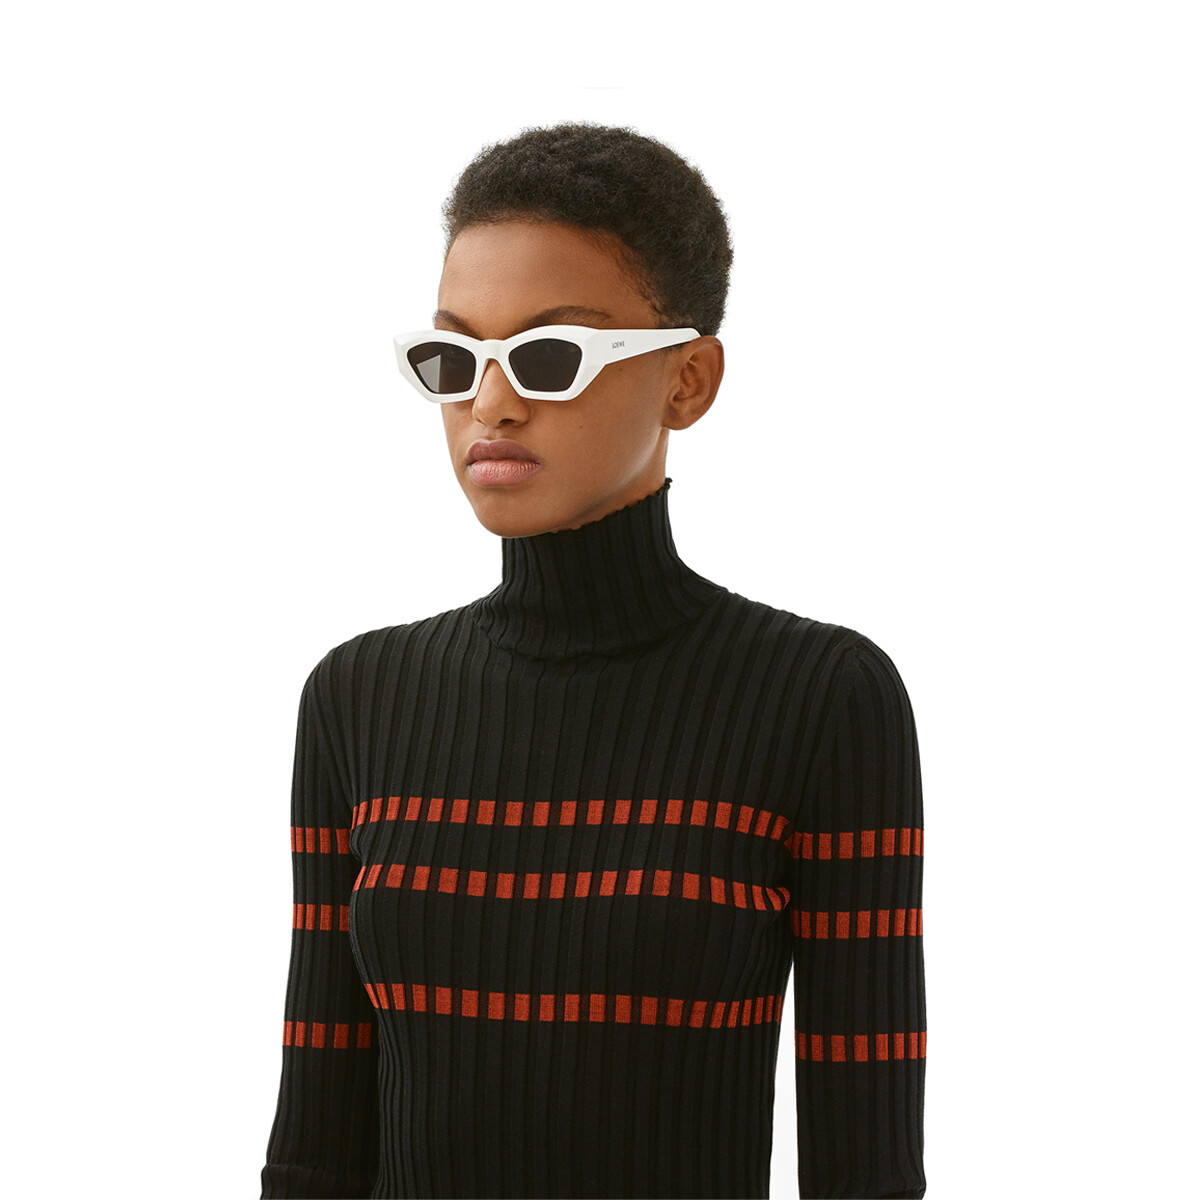 LOEWE Gafas Cateye Geométricas Blanco/Humo front